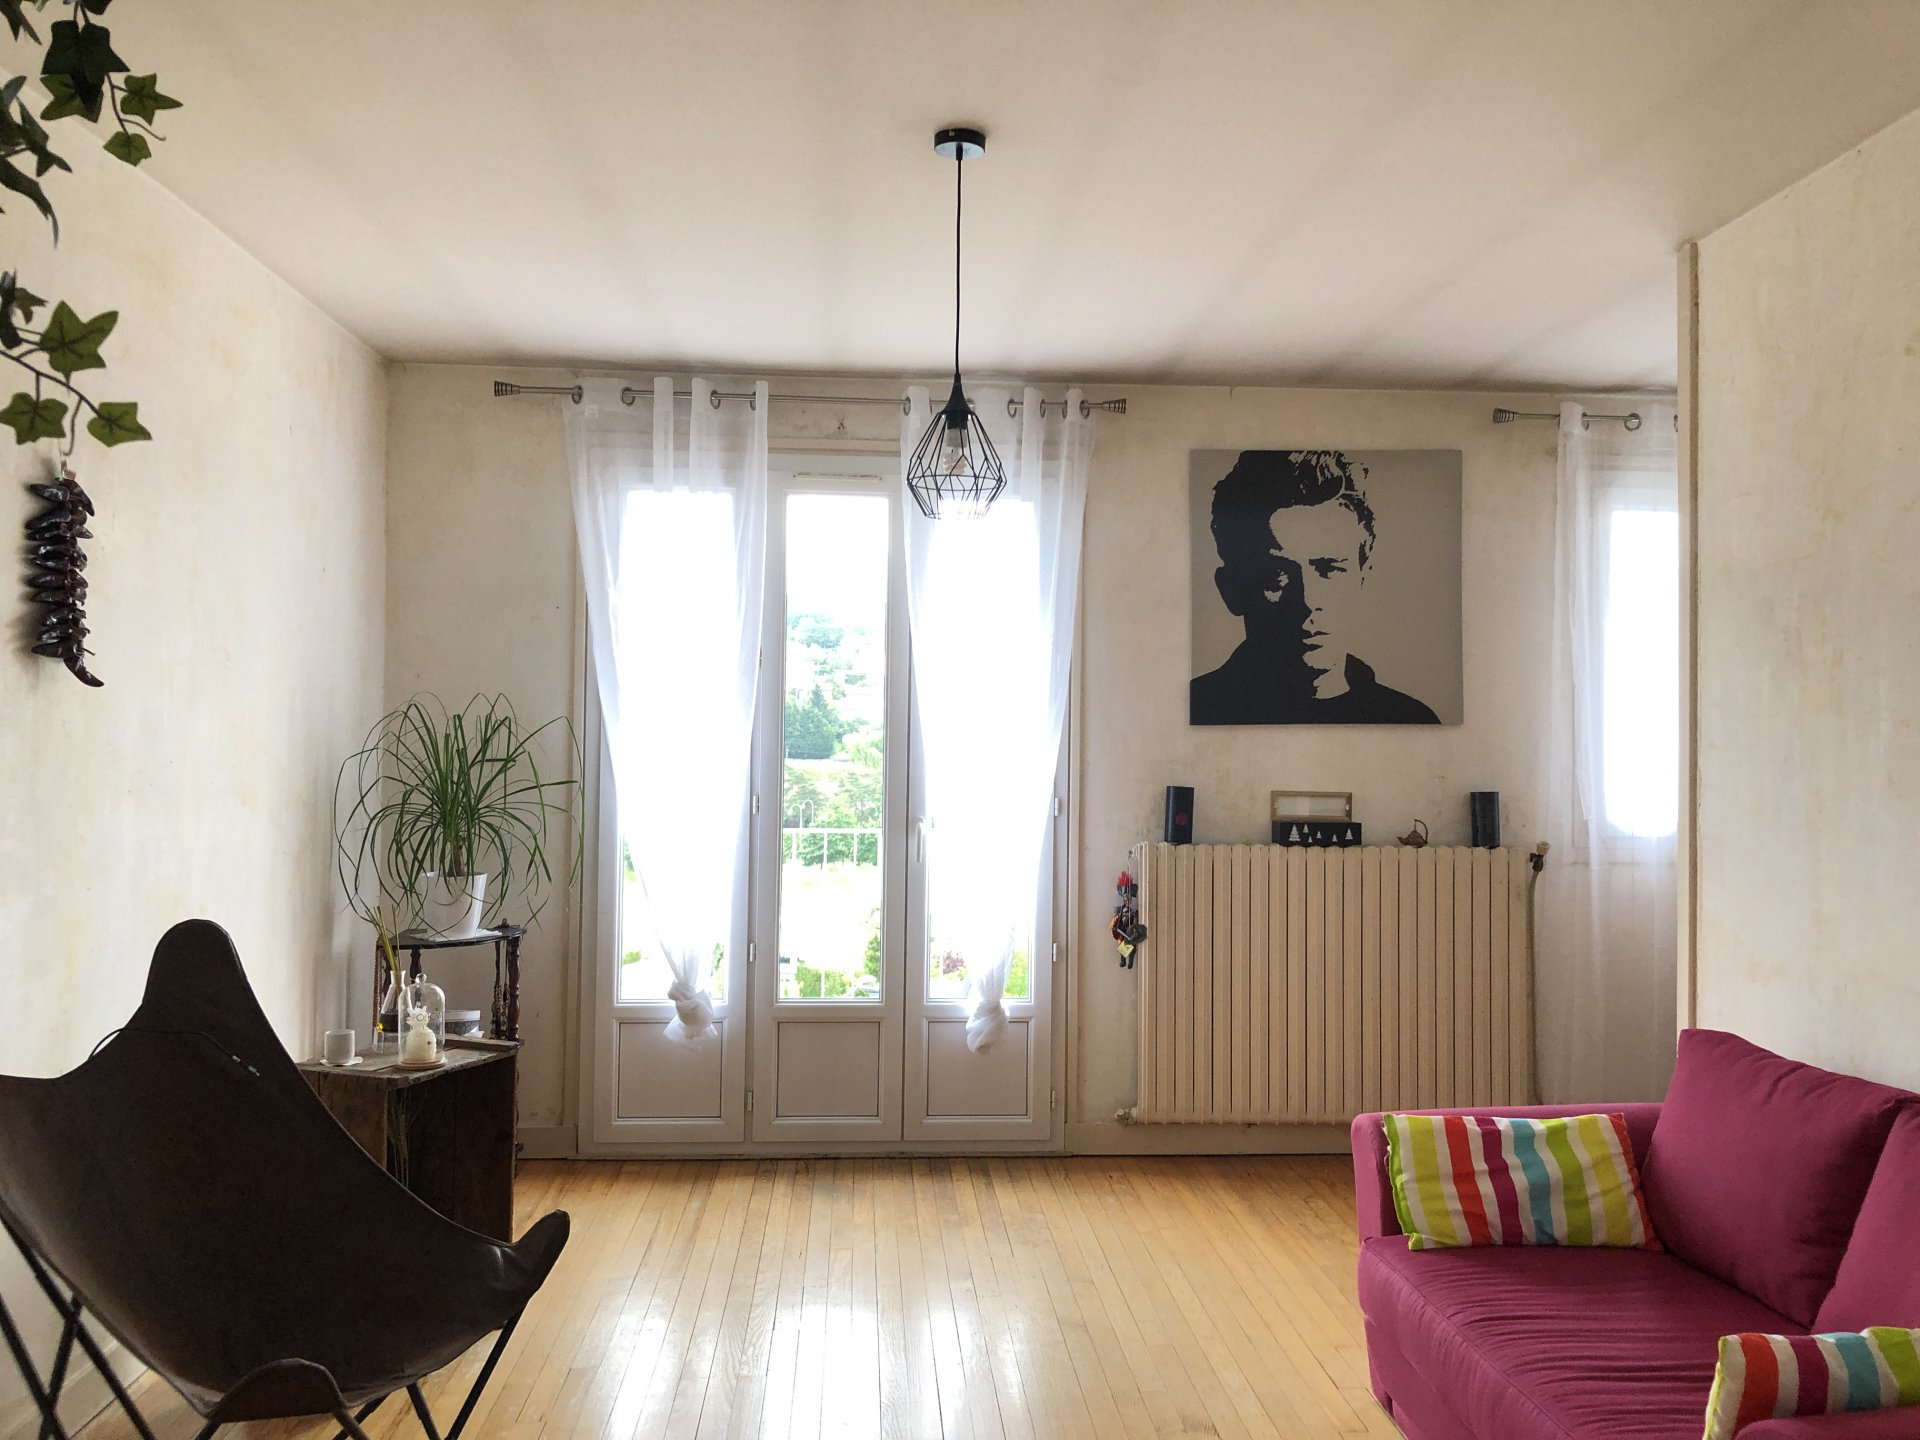 SAINT ETIENNE SUD - Appartement 4 pièces 66 m² avec garage